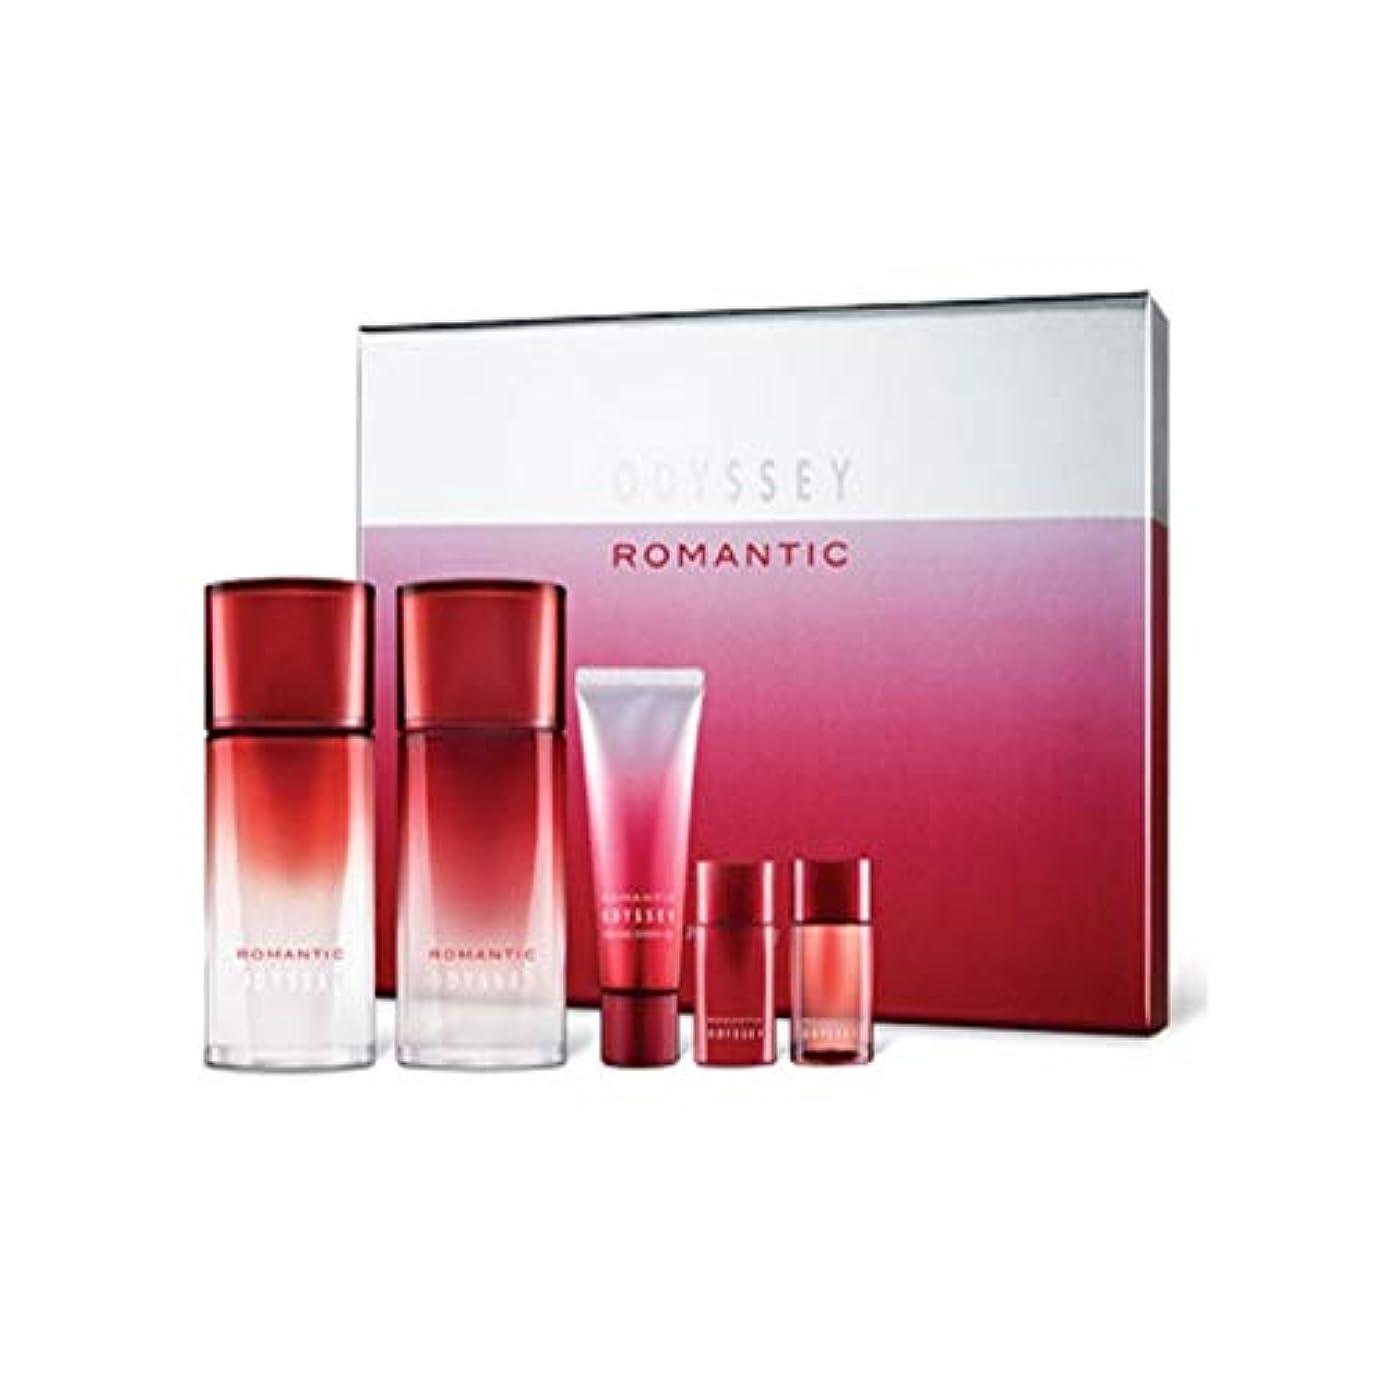 連続した天文学農場オデッセイロマンチックスキンリファイナーローションセットメンズコスメ韓国コスメ、Odyssey Romantic Skin Refiner Lotion Set Men's Cosmetics Korean Cosmetics...